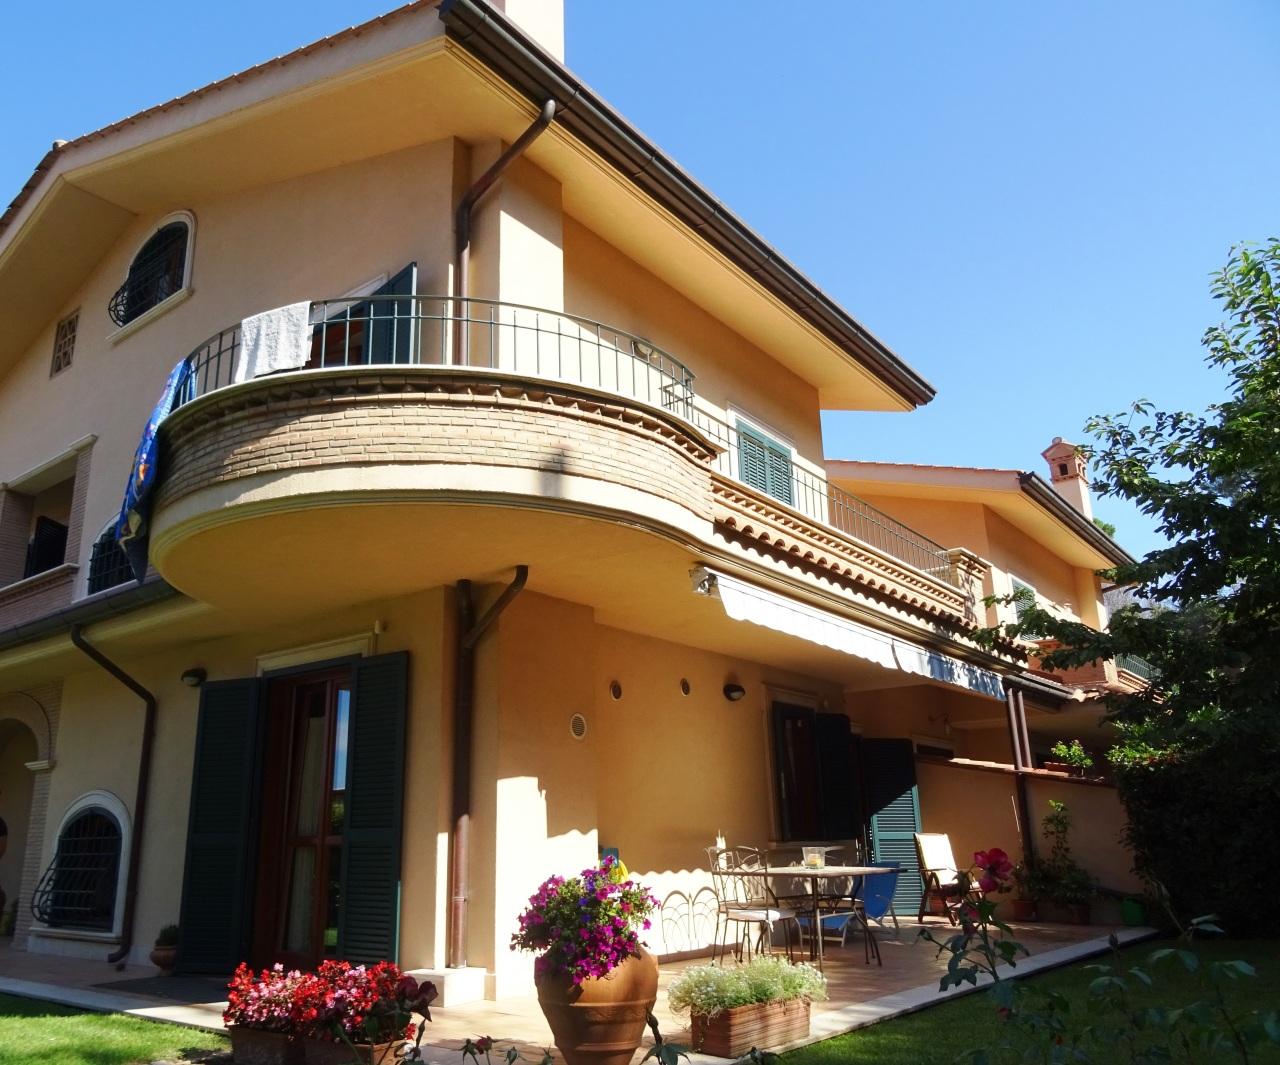 Soluzione Indipendente in vendita a Grottaferrata, 12 locali, prezzo € 790.000 | Cambio Casa.it